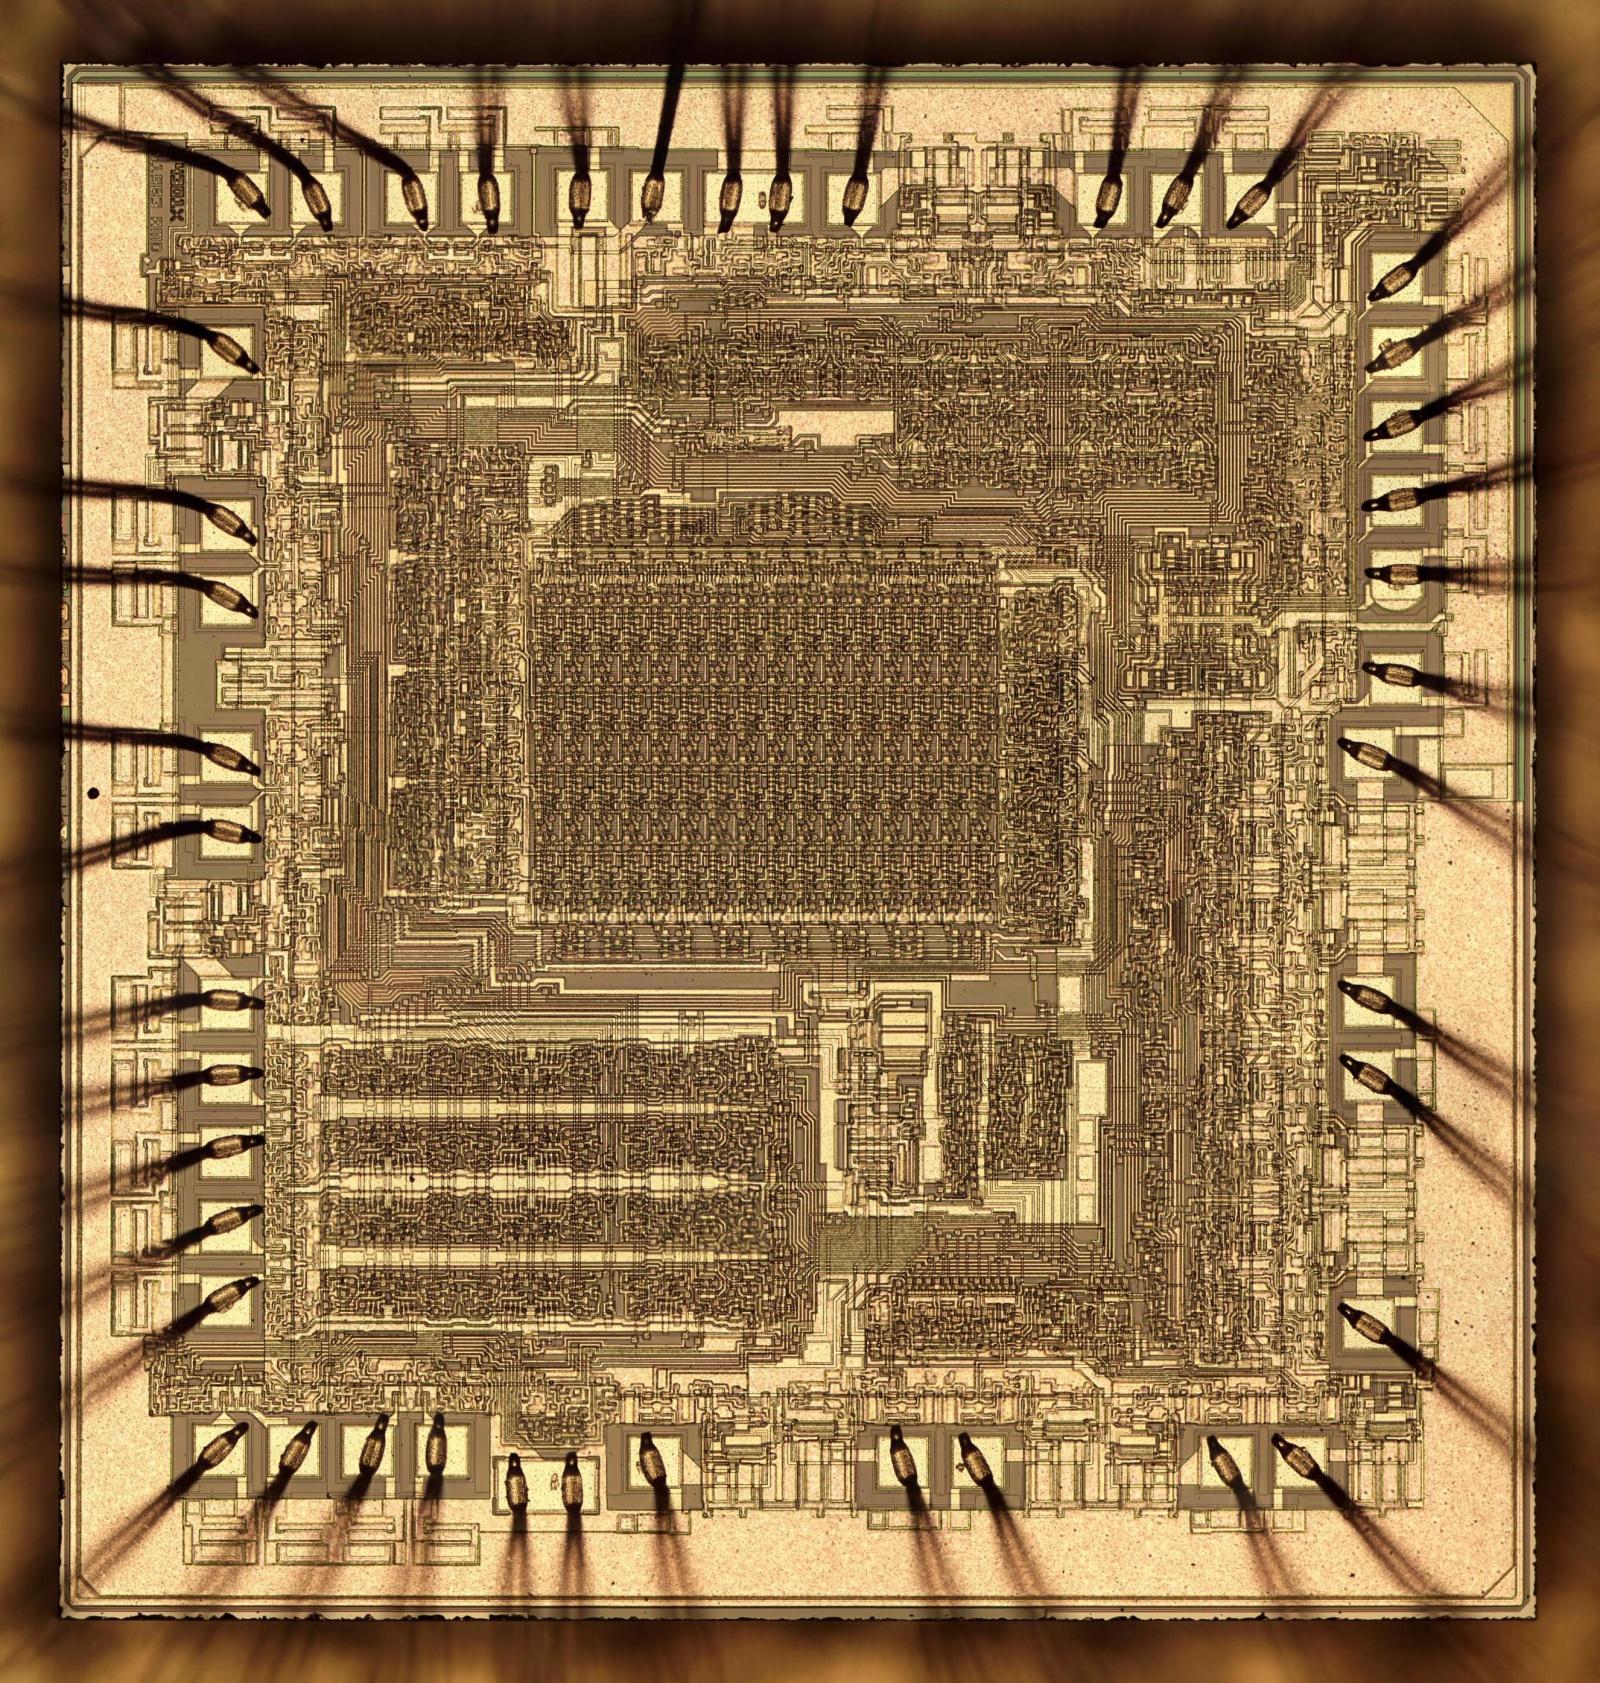 Внутри многокристального секционного микропроцессора Am2901 от AMD 1970-х годов - 1